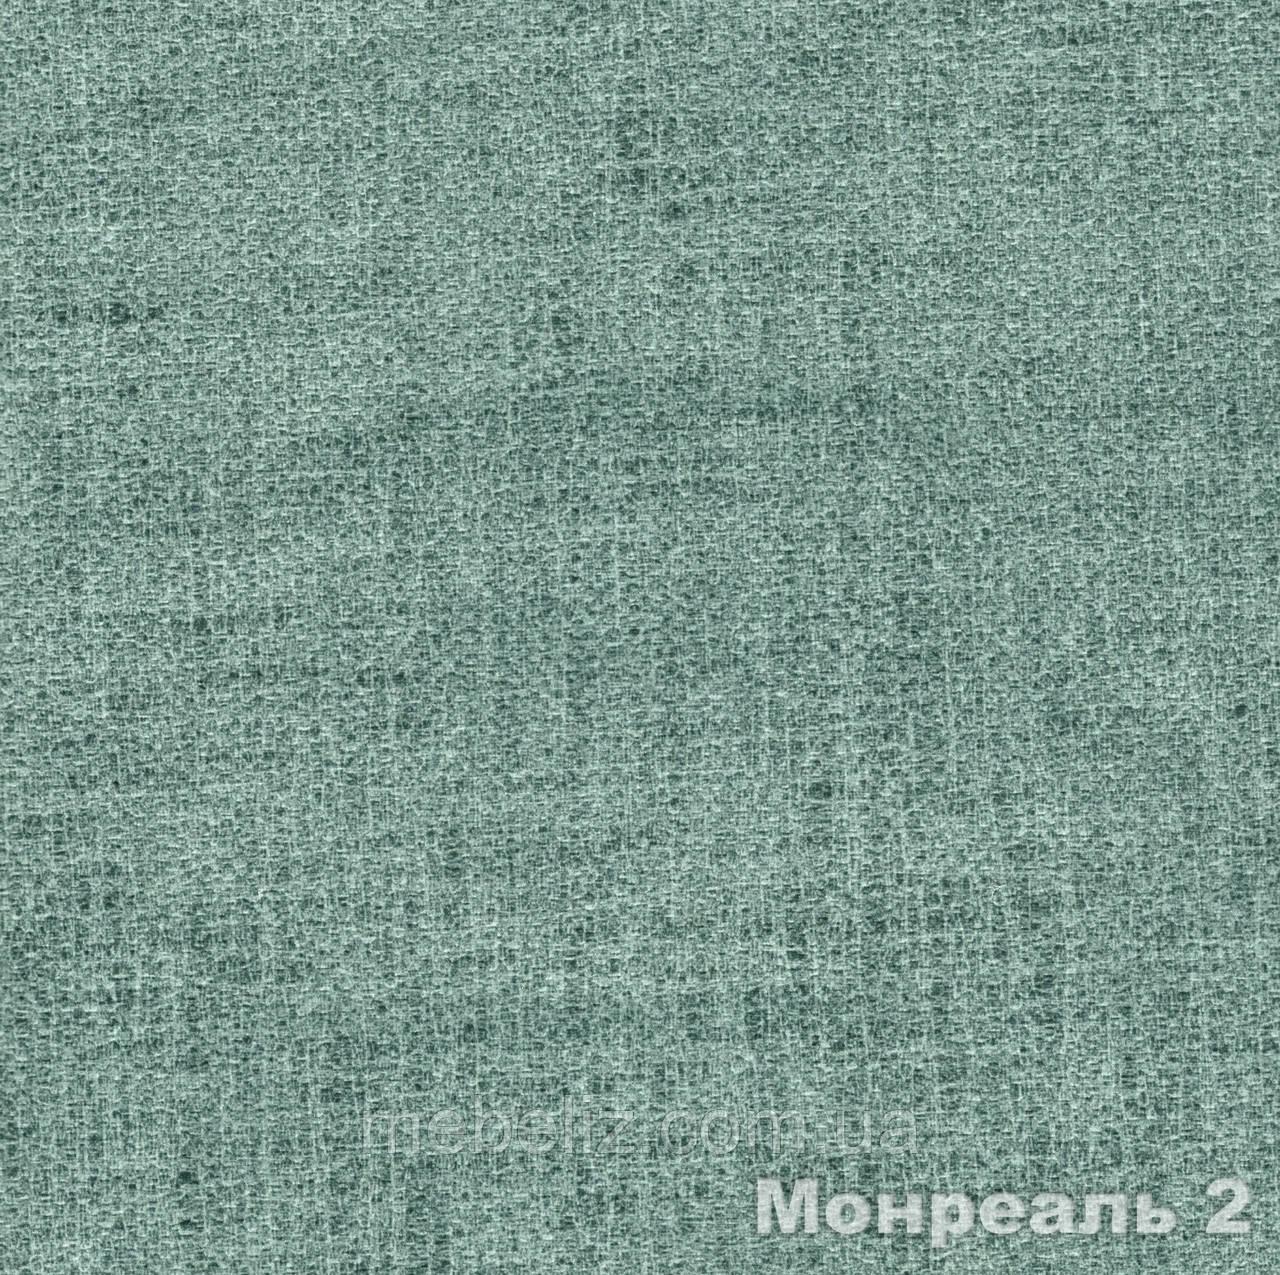 Тканина меблева для оббивки Монреаль 2